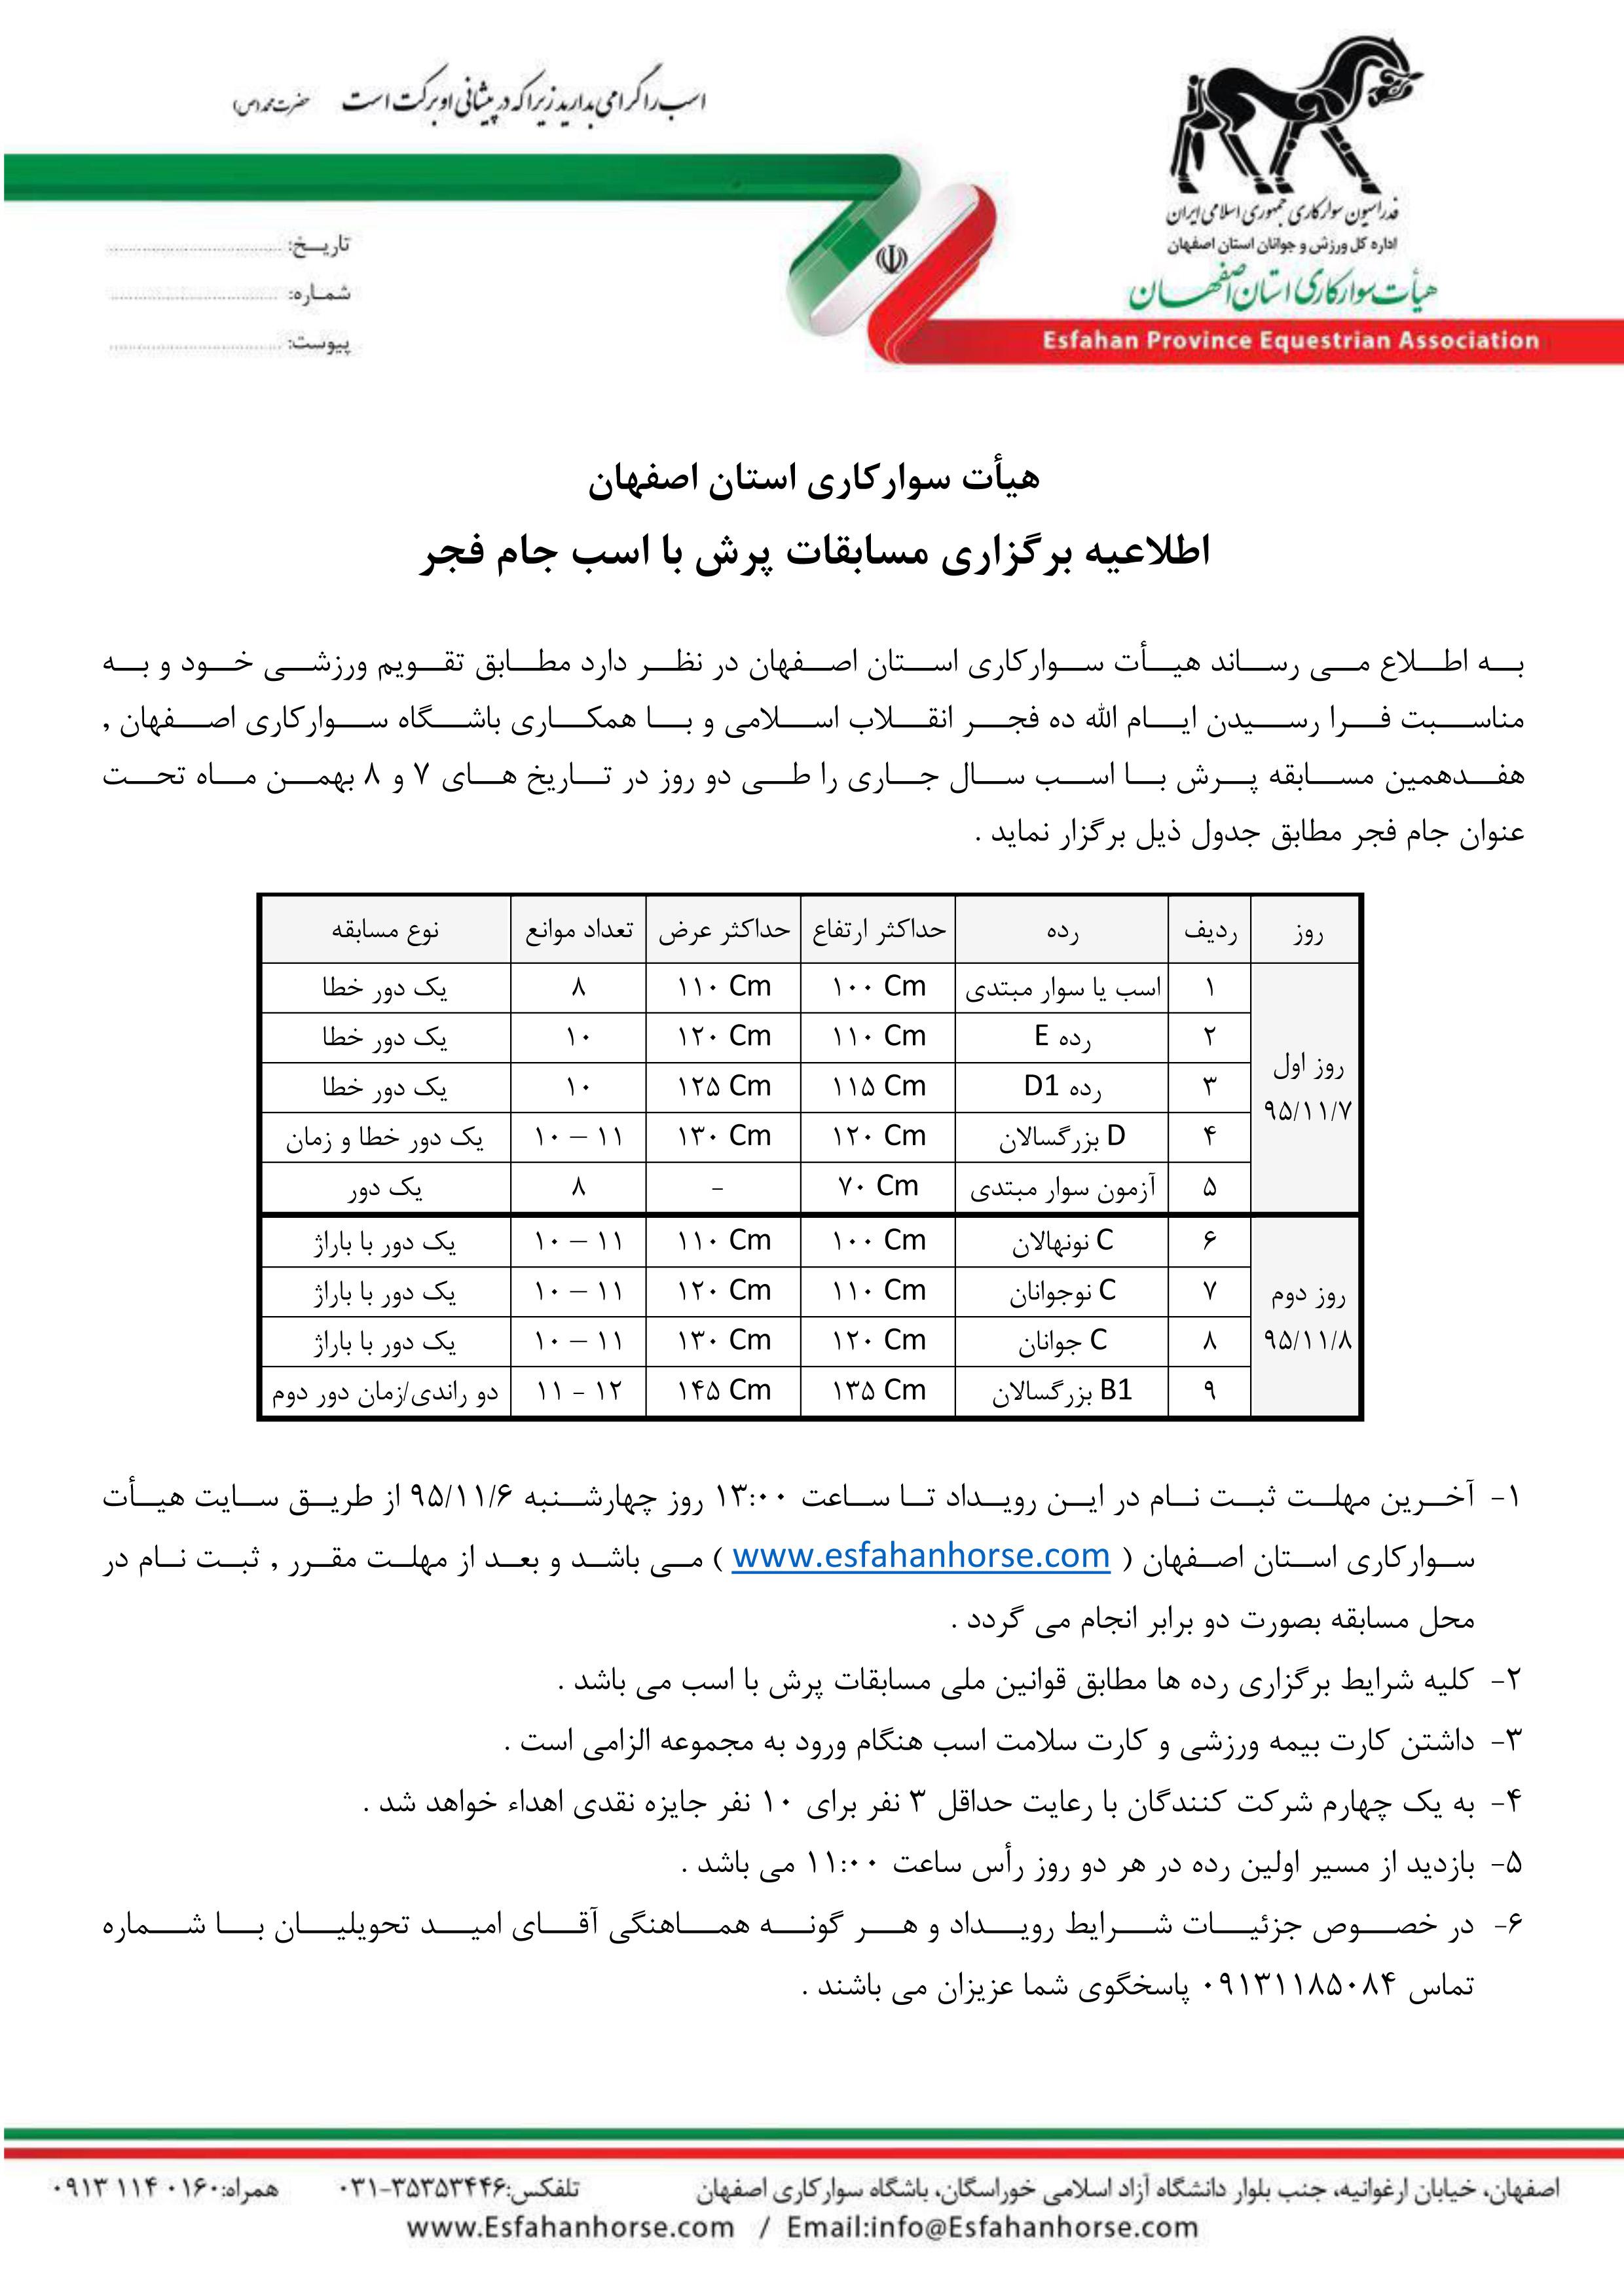 اطلاعیه برگزاری مسابقات پرش با اسب جام فجر